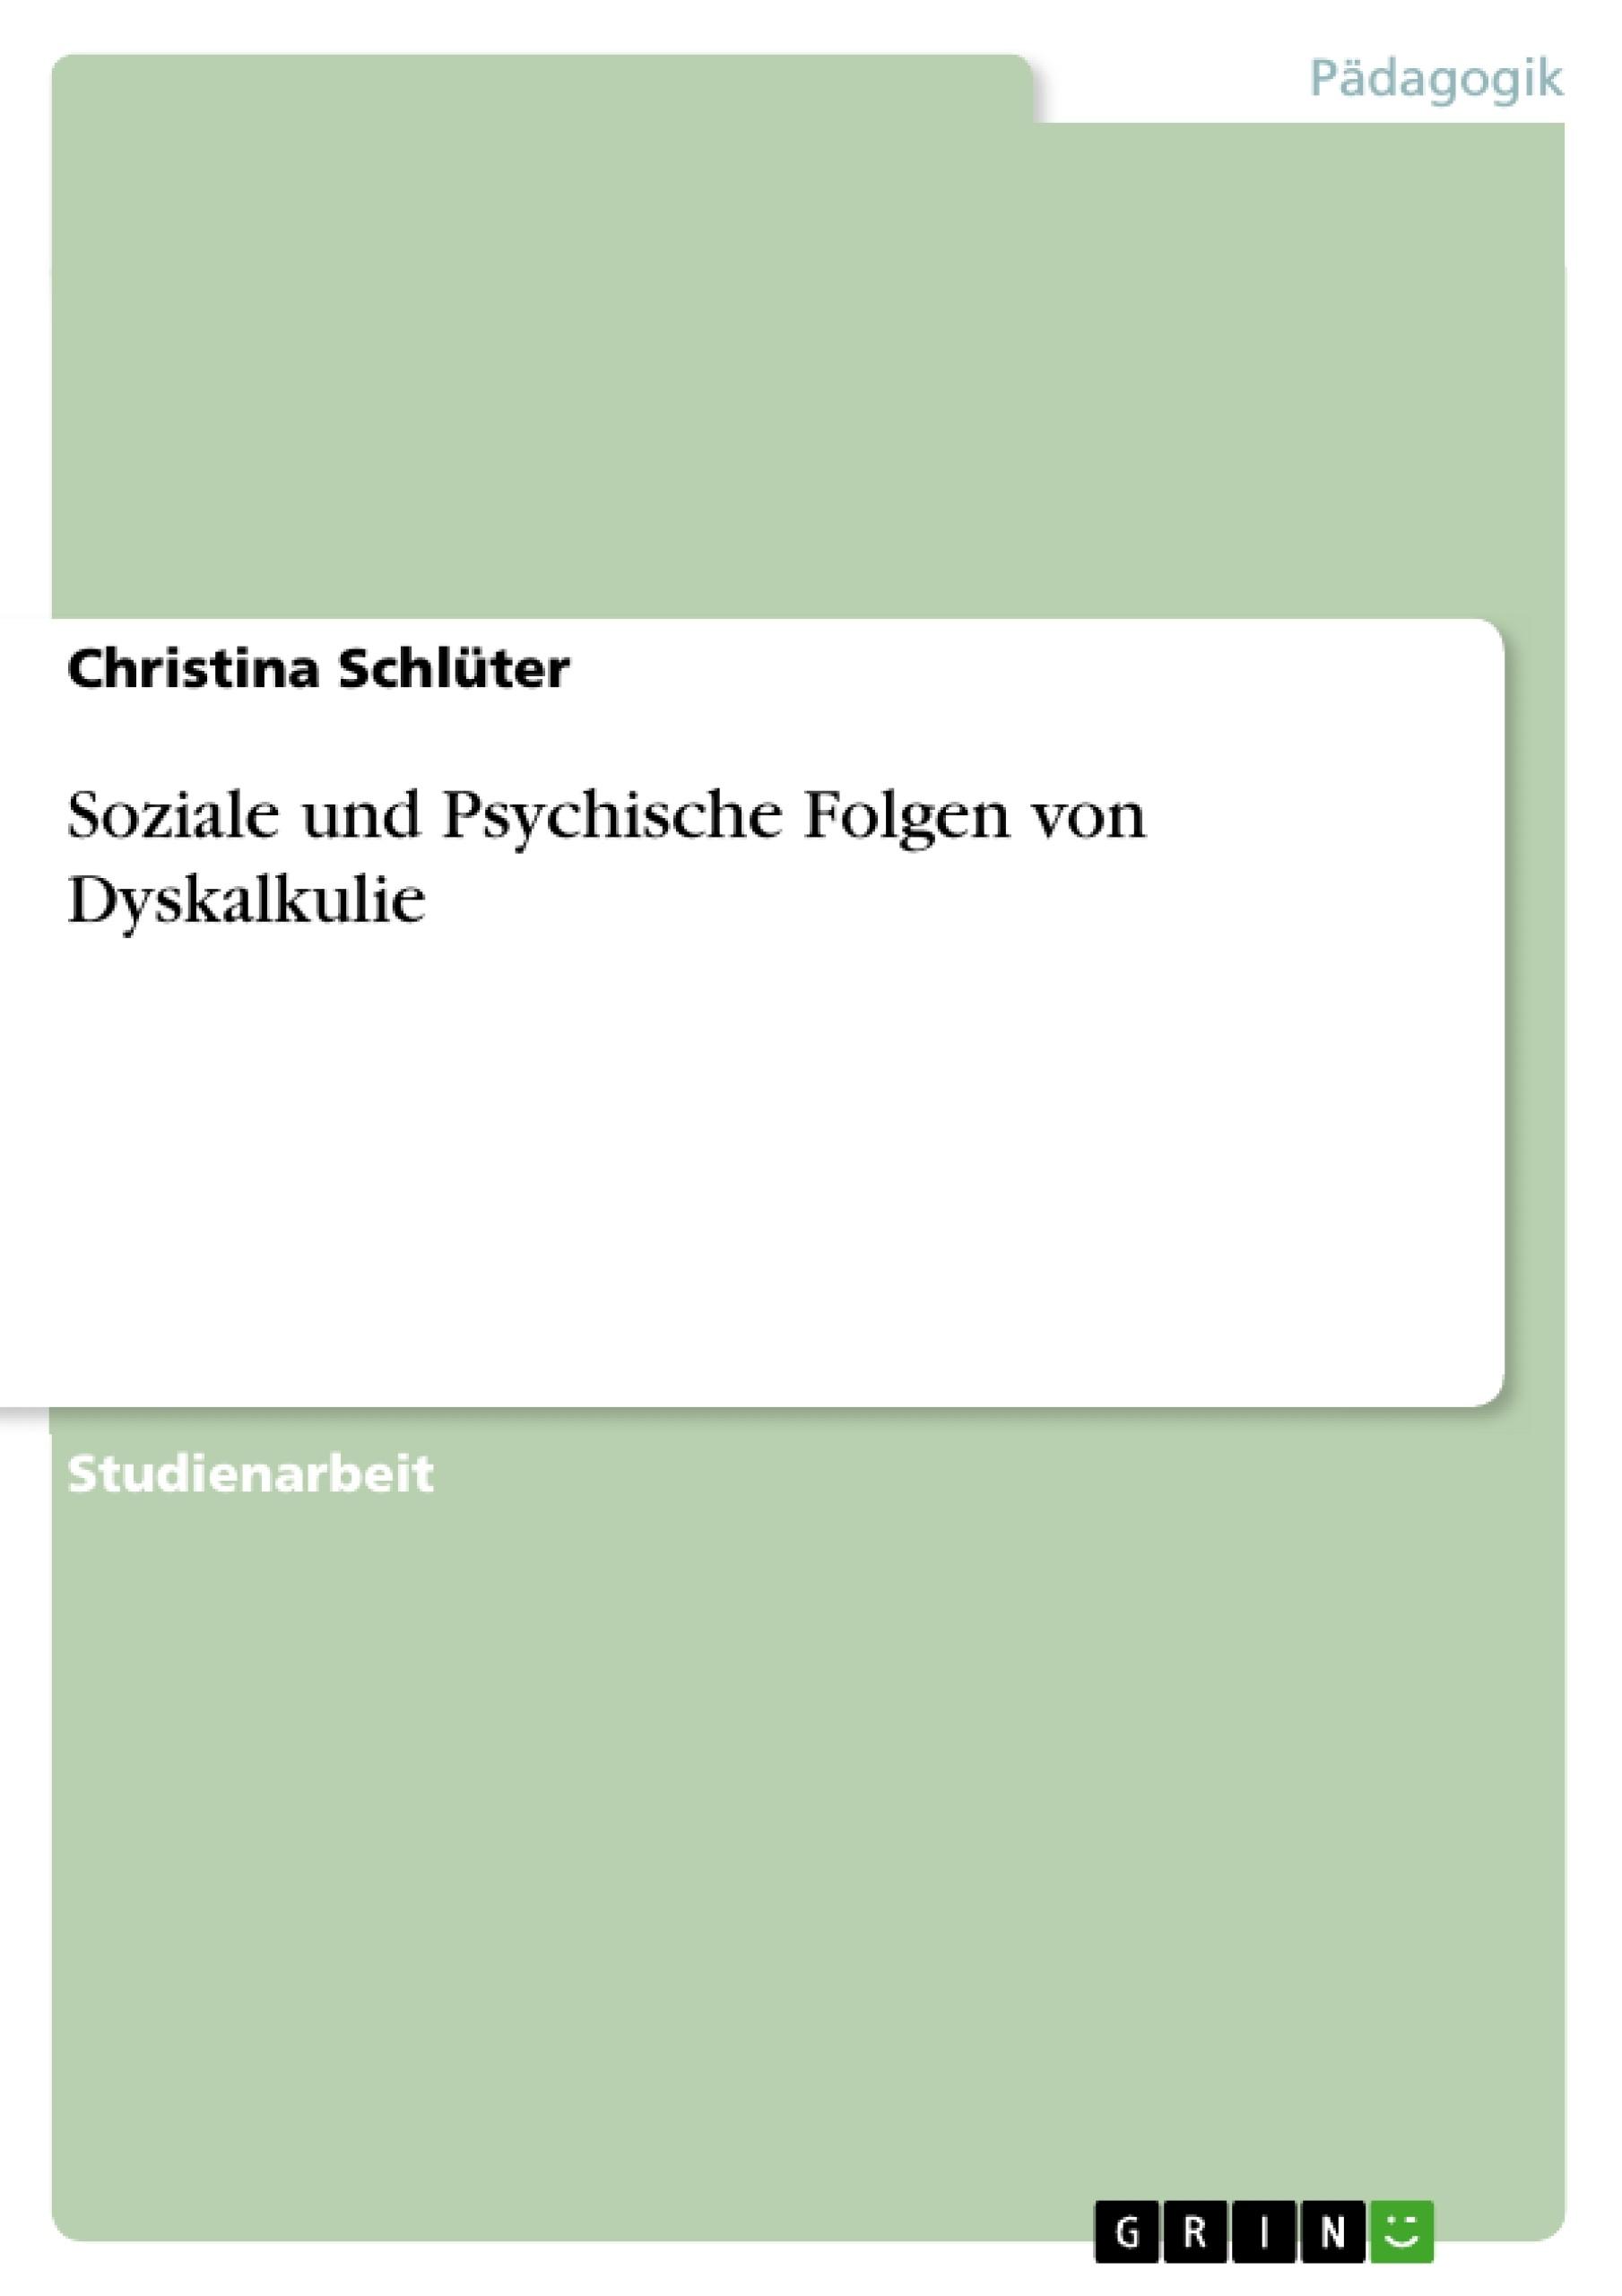 Titel: Soziale und Psychische Folgen von Dyskalkulie